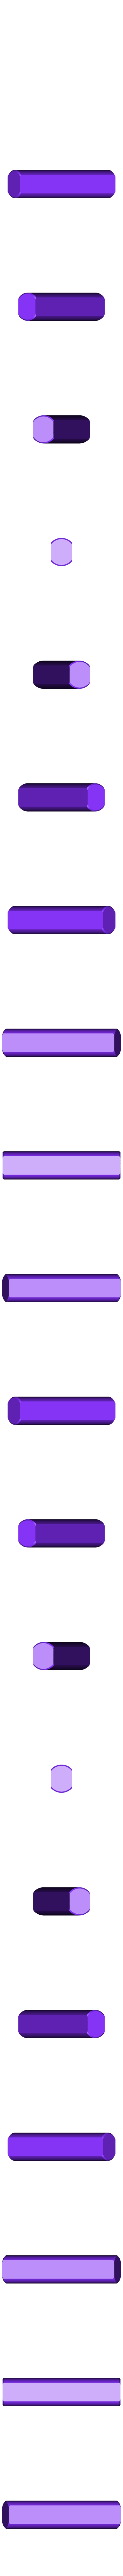 Shaft 2  - Welle 2.stl Télécharger fichier STL gratuit Rapport d'engrenage 1:2 / Zahnradsatz 1:2 Übersetzung • Plan imprimable en 3D, CONSTRUCTeR